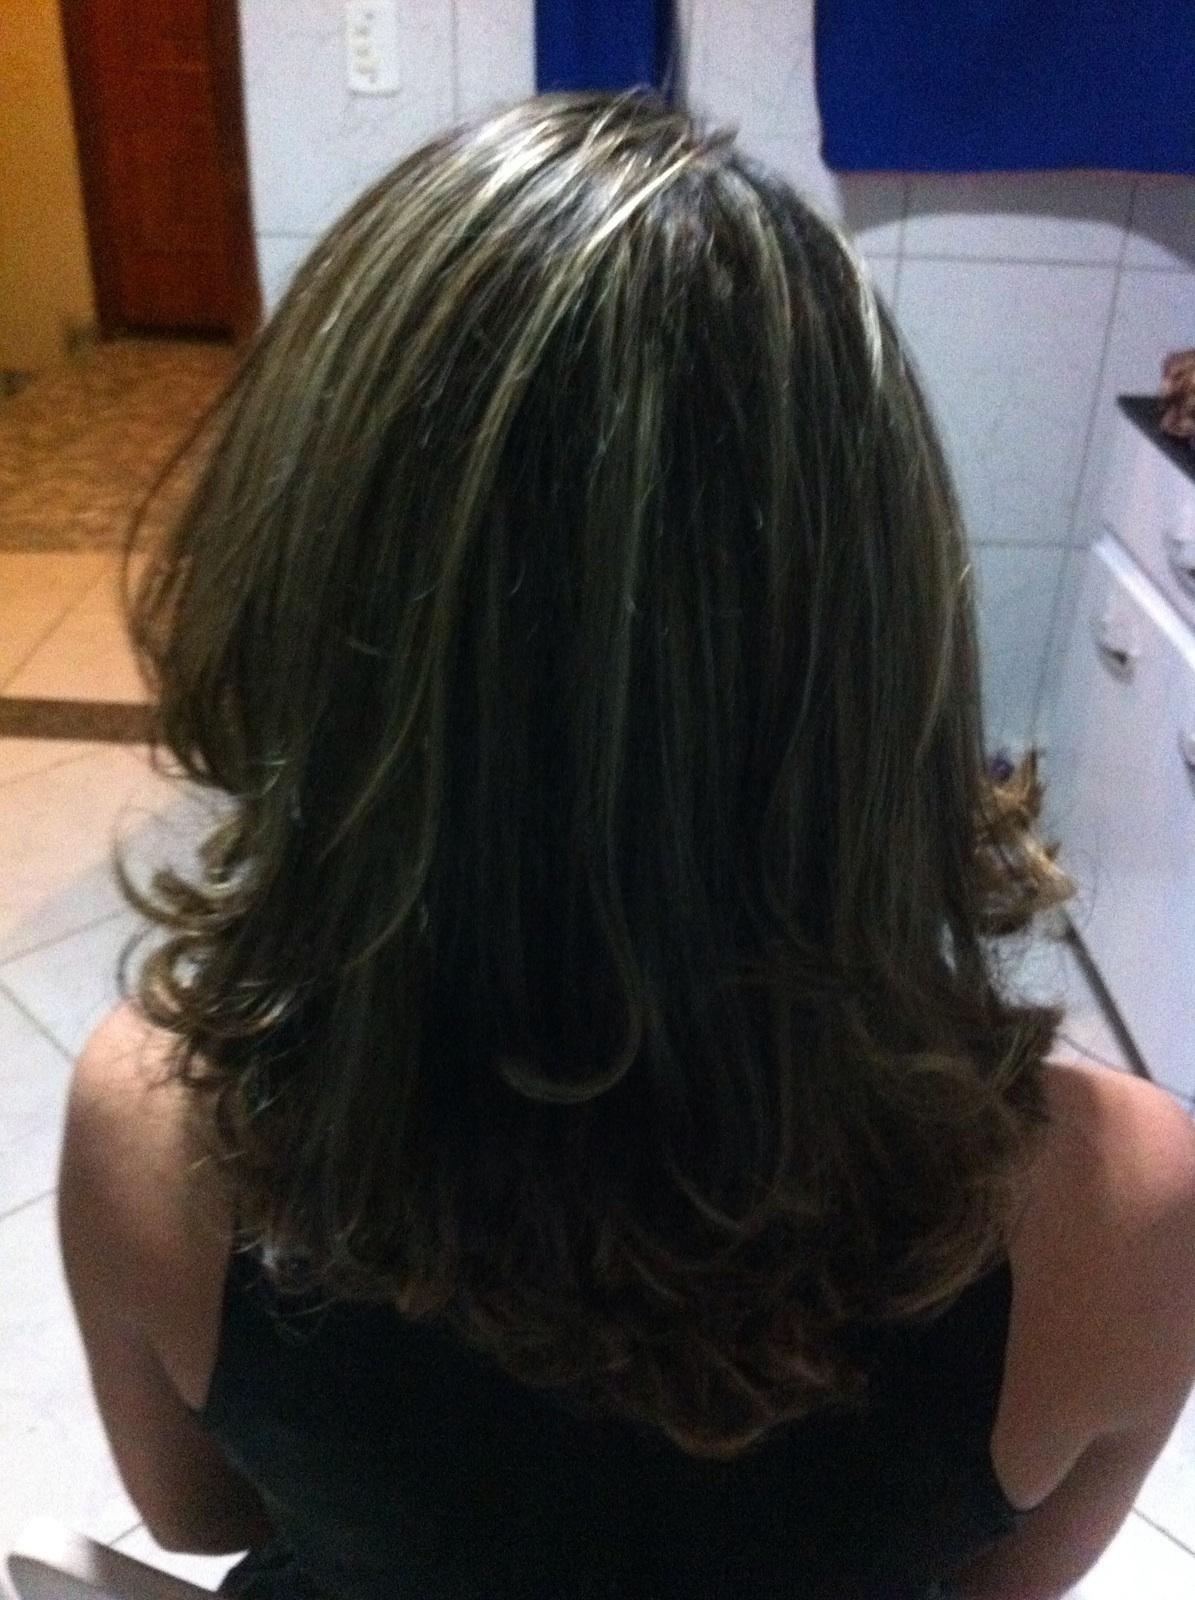 Corte e luzes auxiliar cabeleireiro(a)